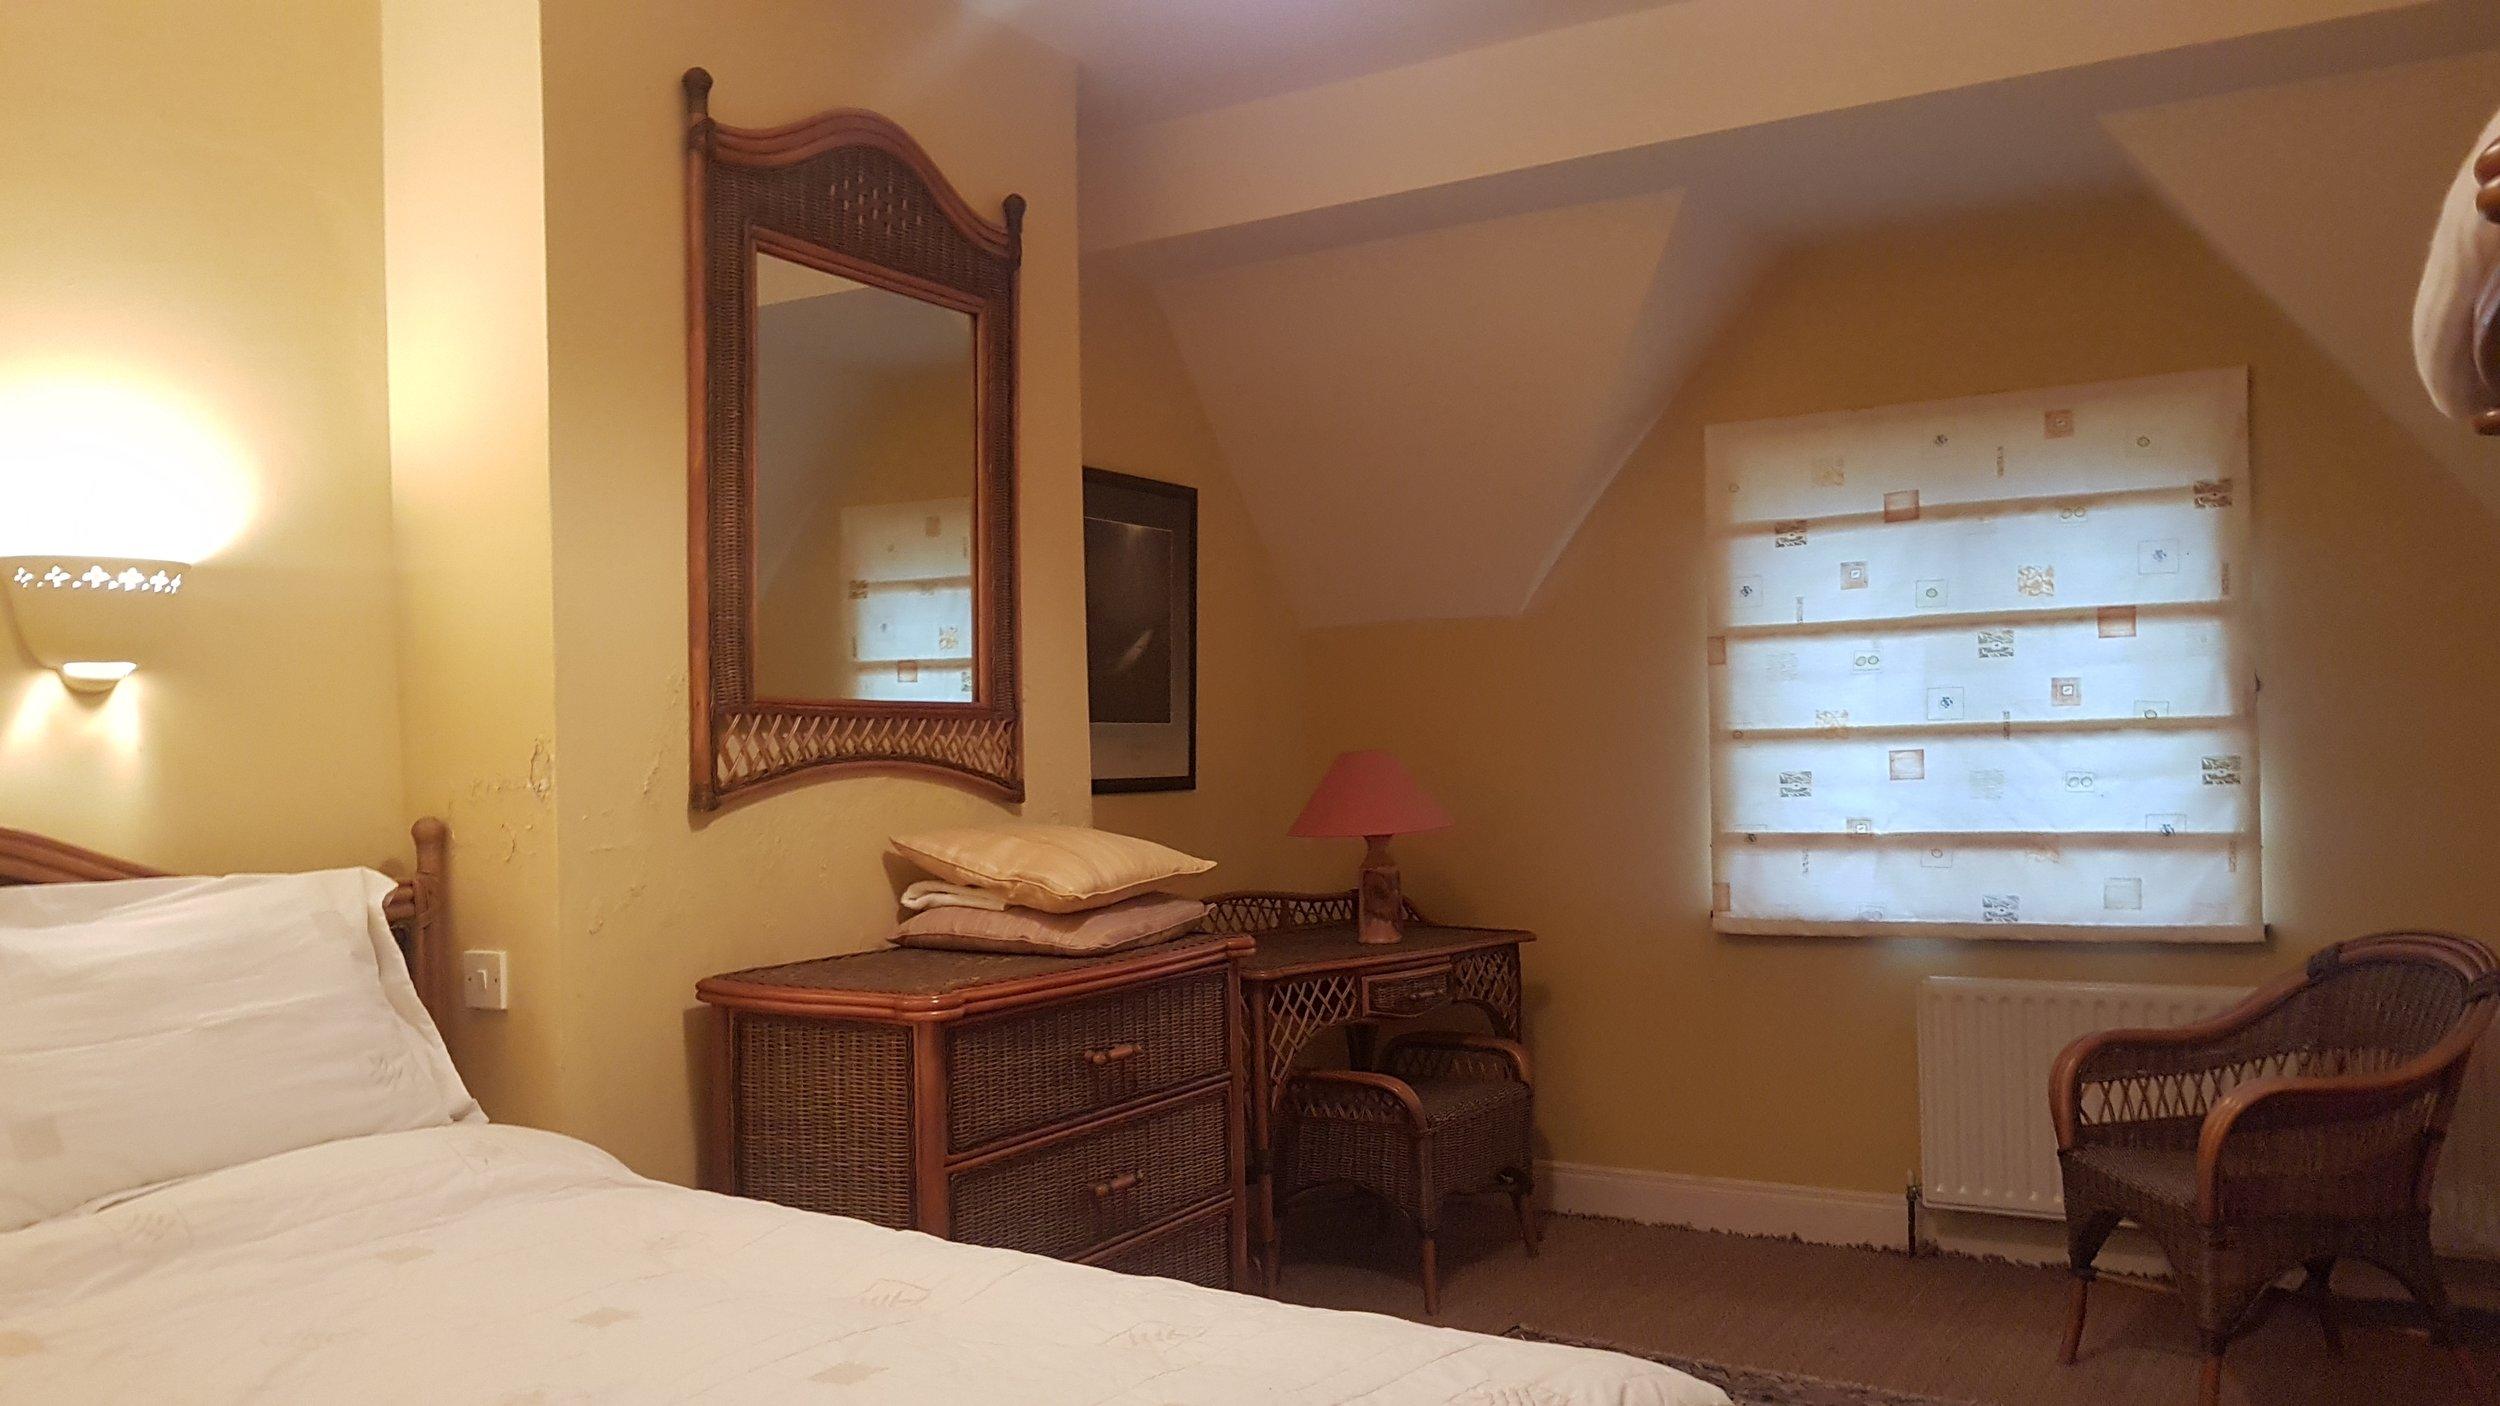 nq bedrooms.jpg